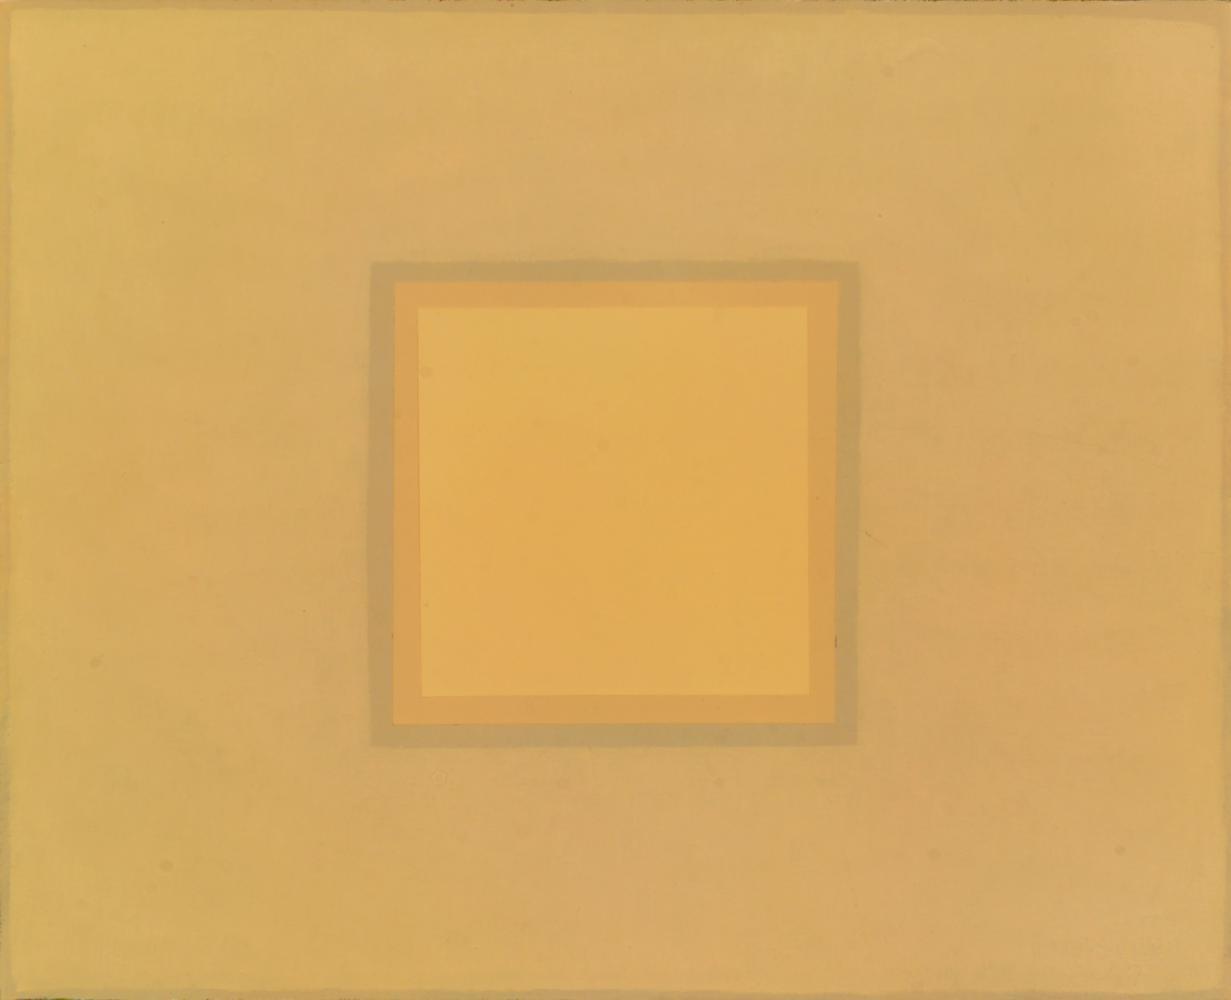 A Josef Albers, 32 x 29 cm, óleo madera, 2007.